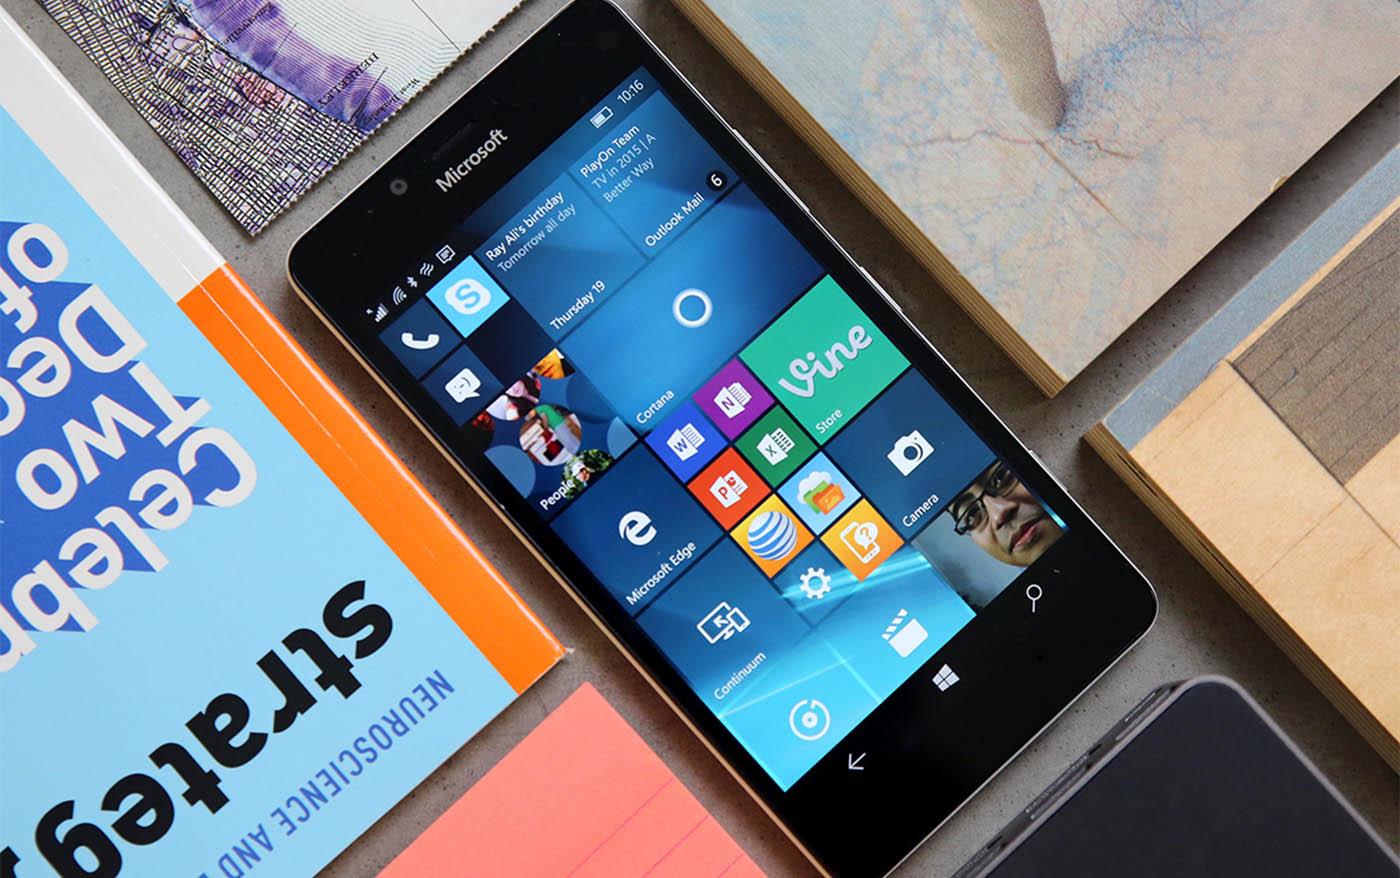 Las ventas de Windows Phone están prácticamente paralizadas